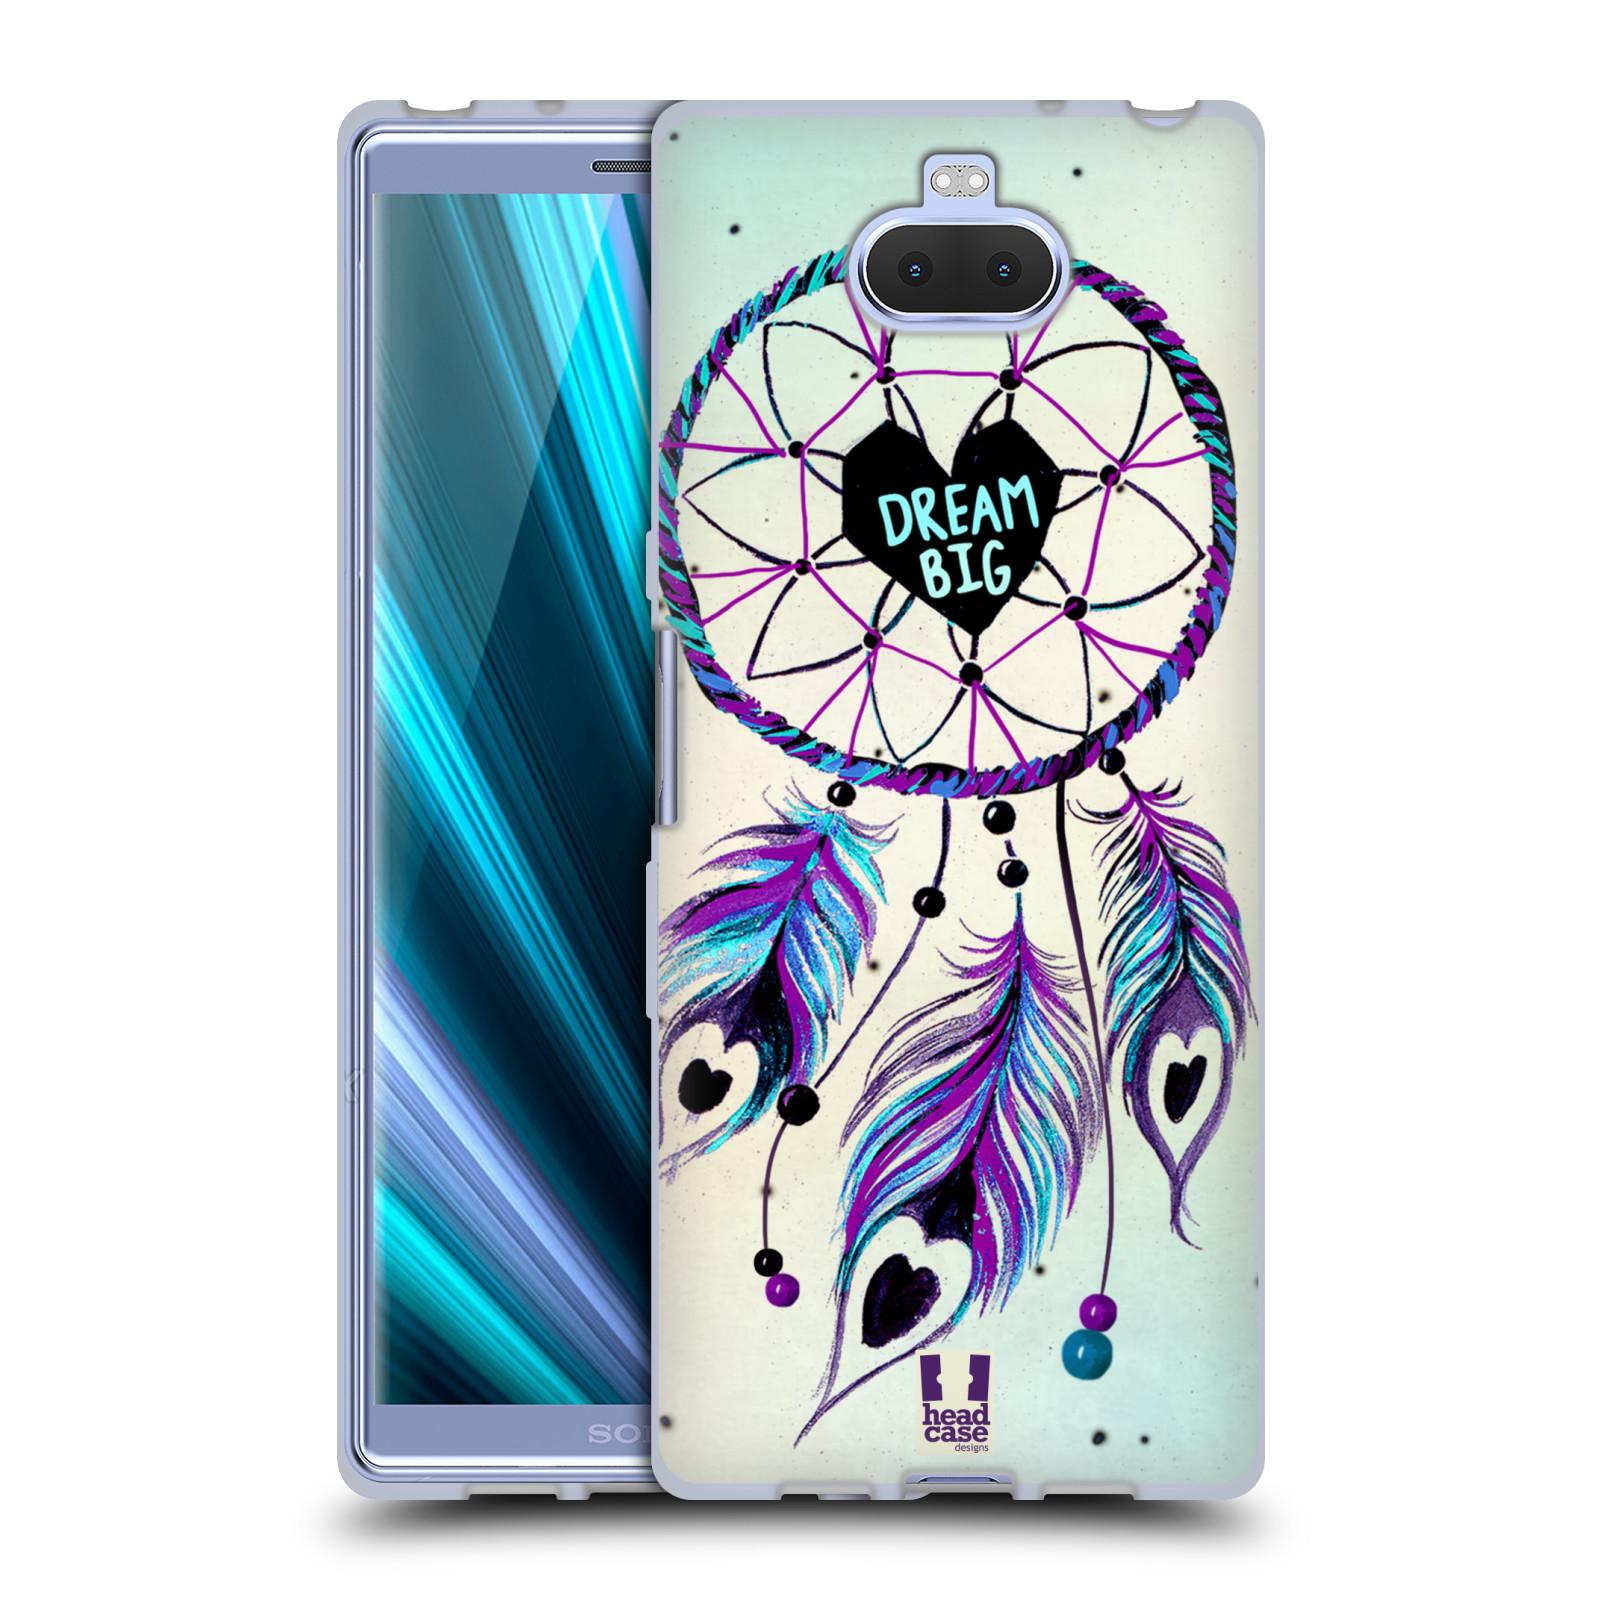 Silikonové pouzdro na mobil Sony Xperia 10 - Head Case - Lapač Assorted Dream Big Srdce